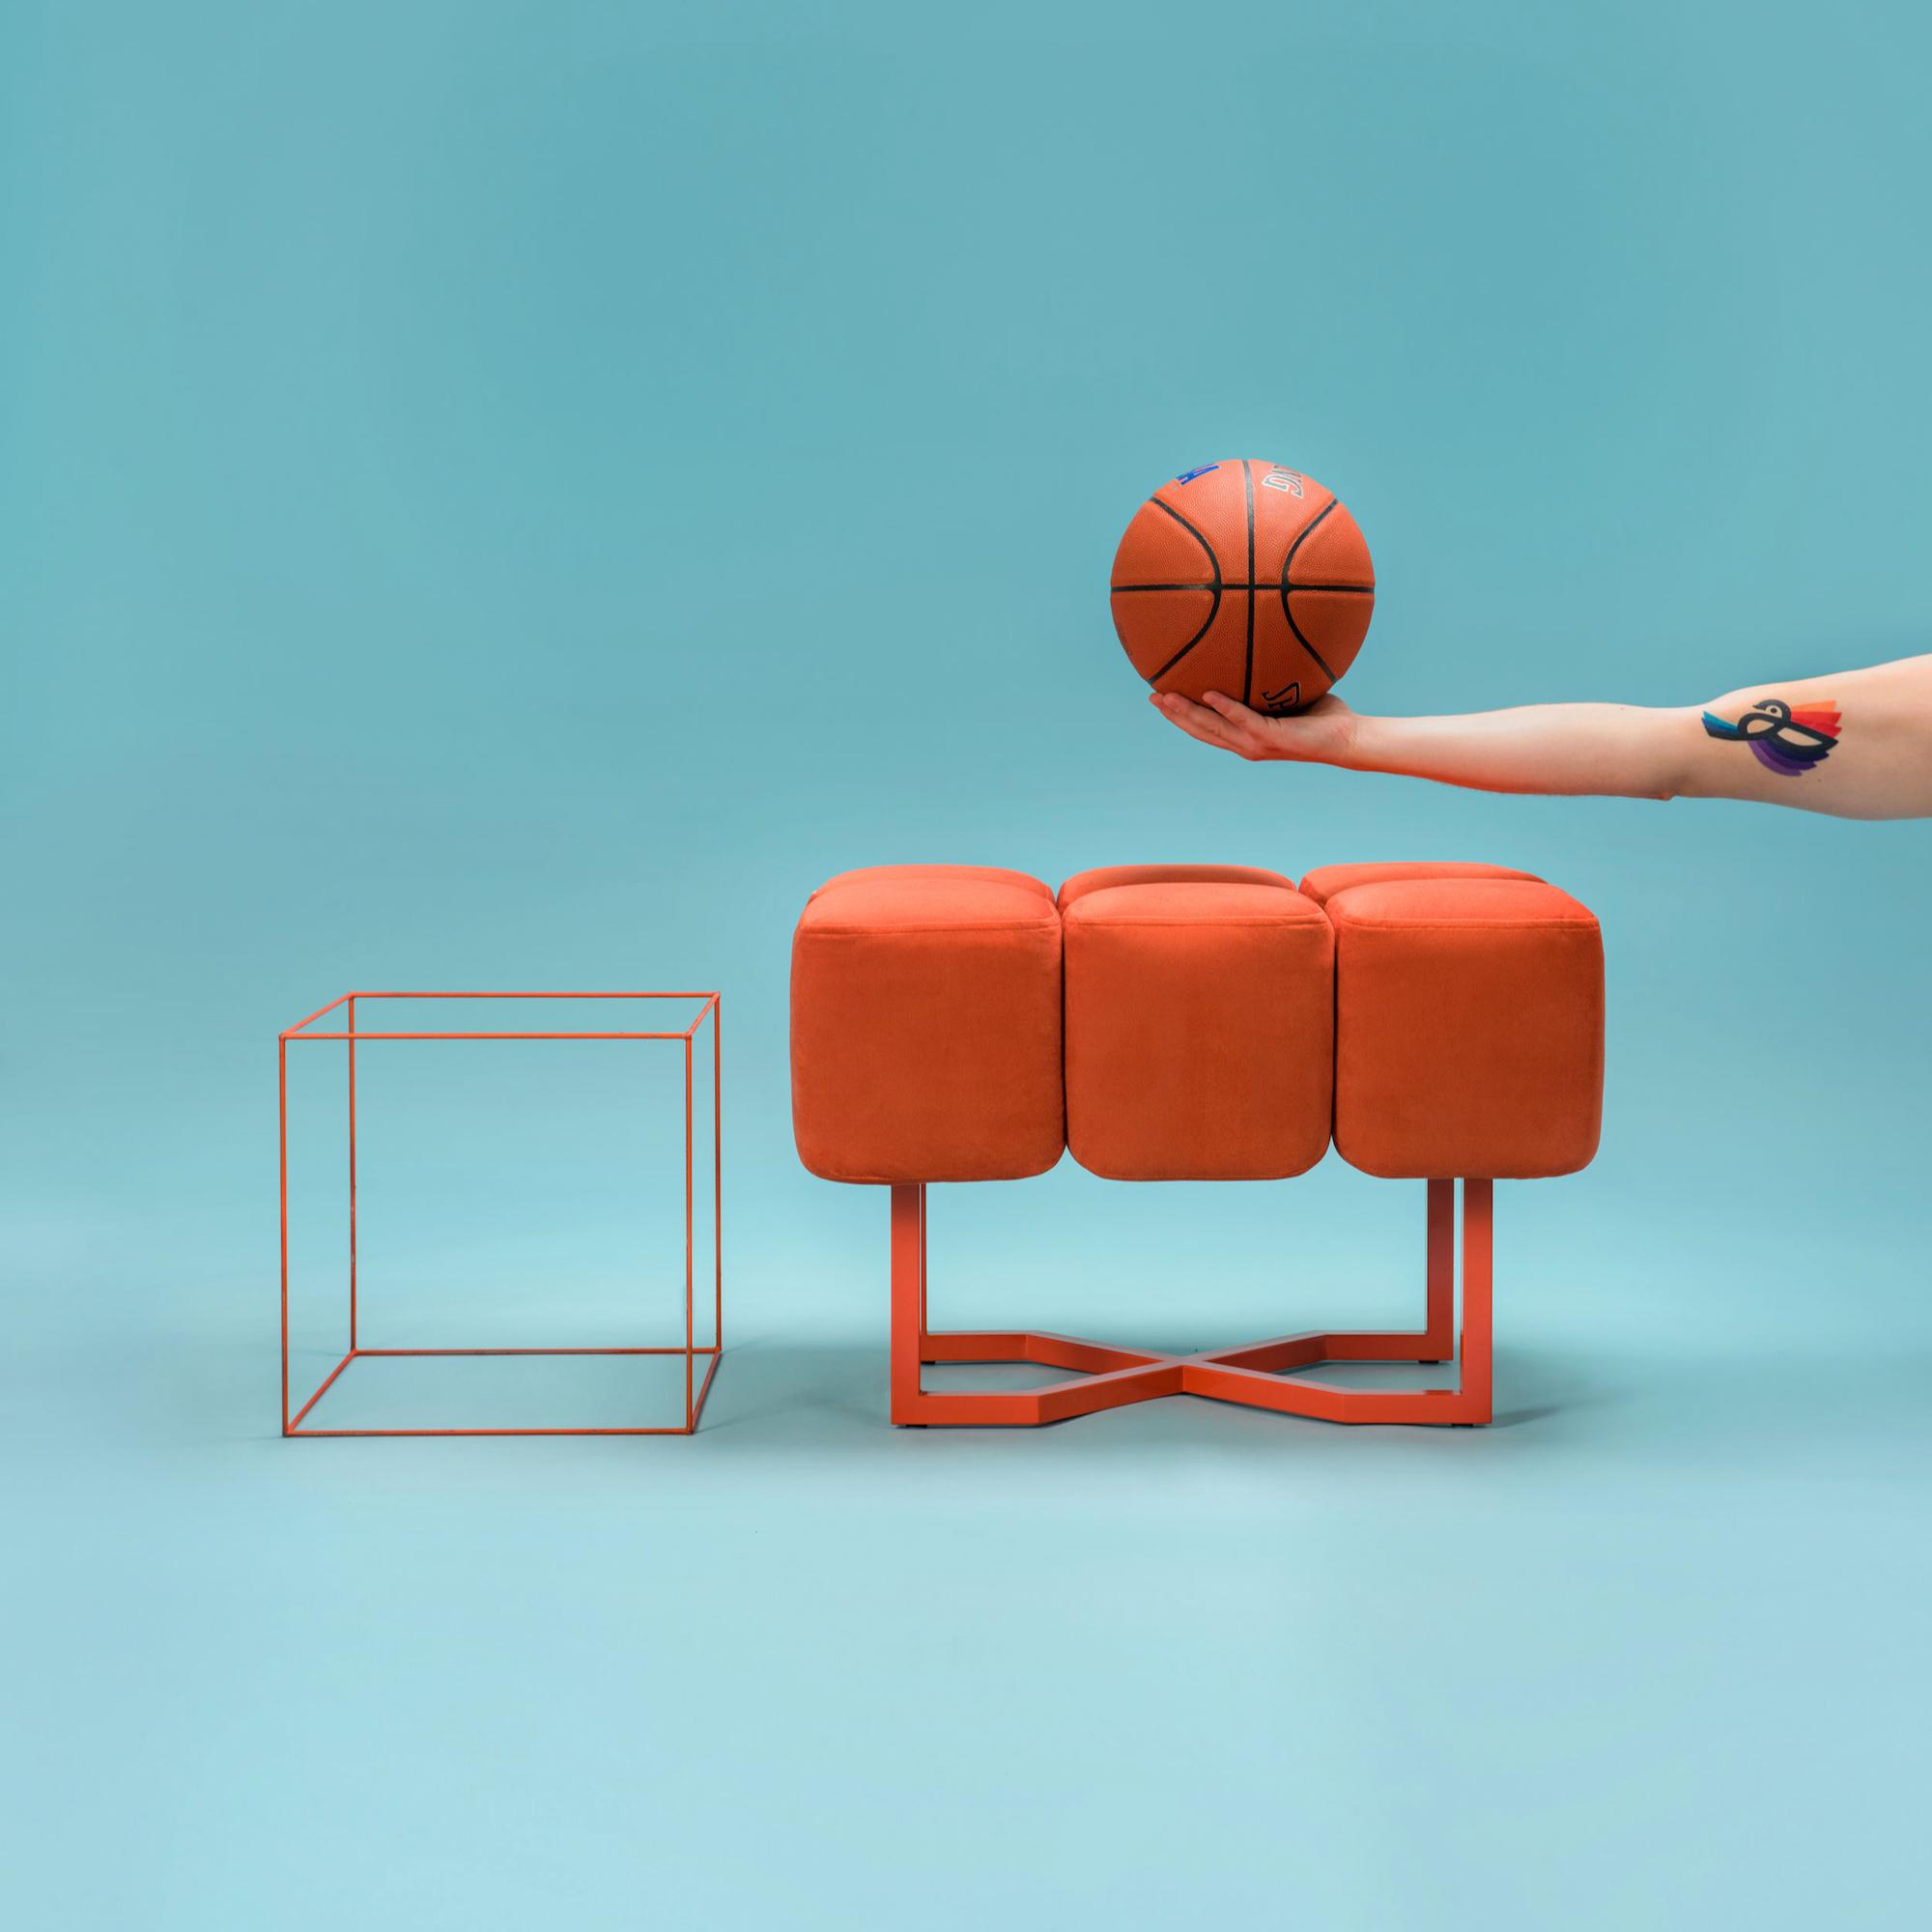 Puffy_orange_hand